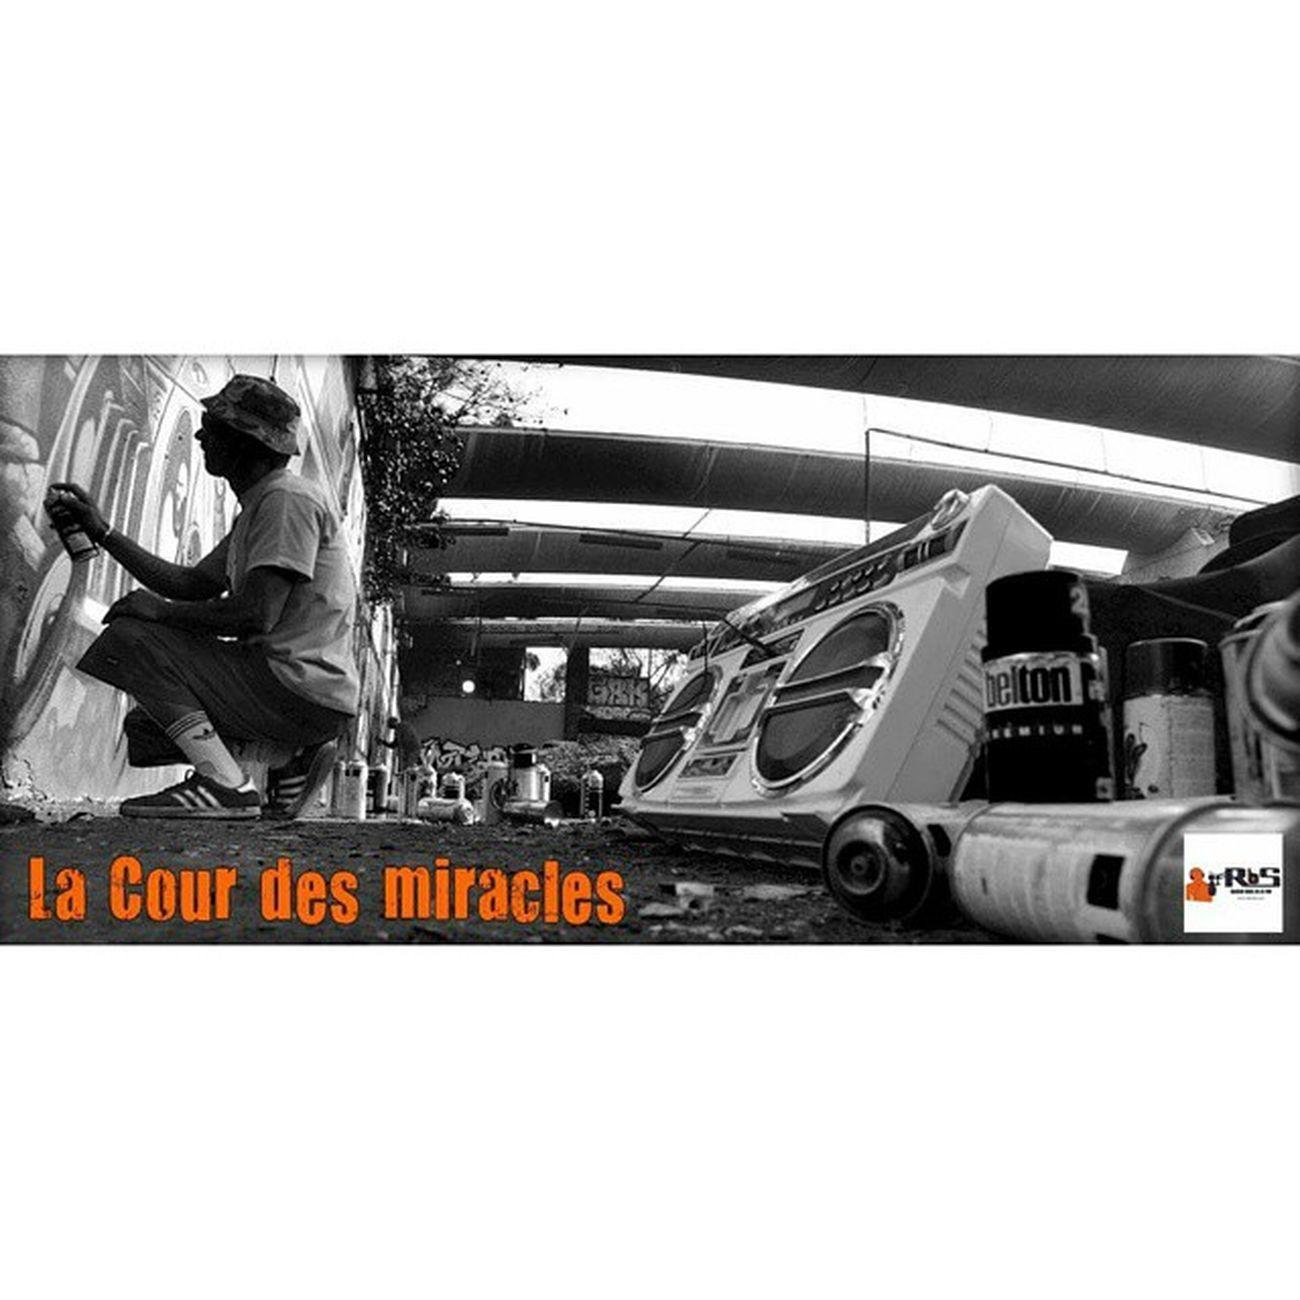 Exposition Strasbourg Lacourdesmiracles Le 25 juin 2015 à 19h30, bar le Korrigan. Vernissage, expo & performance autour de l'art urbain. 🎵 Dj Tkilla / Q / Ricardello 🎨 Collectif ABC 📷 3 photographes Mapremiereexpo